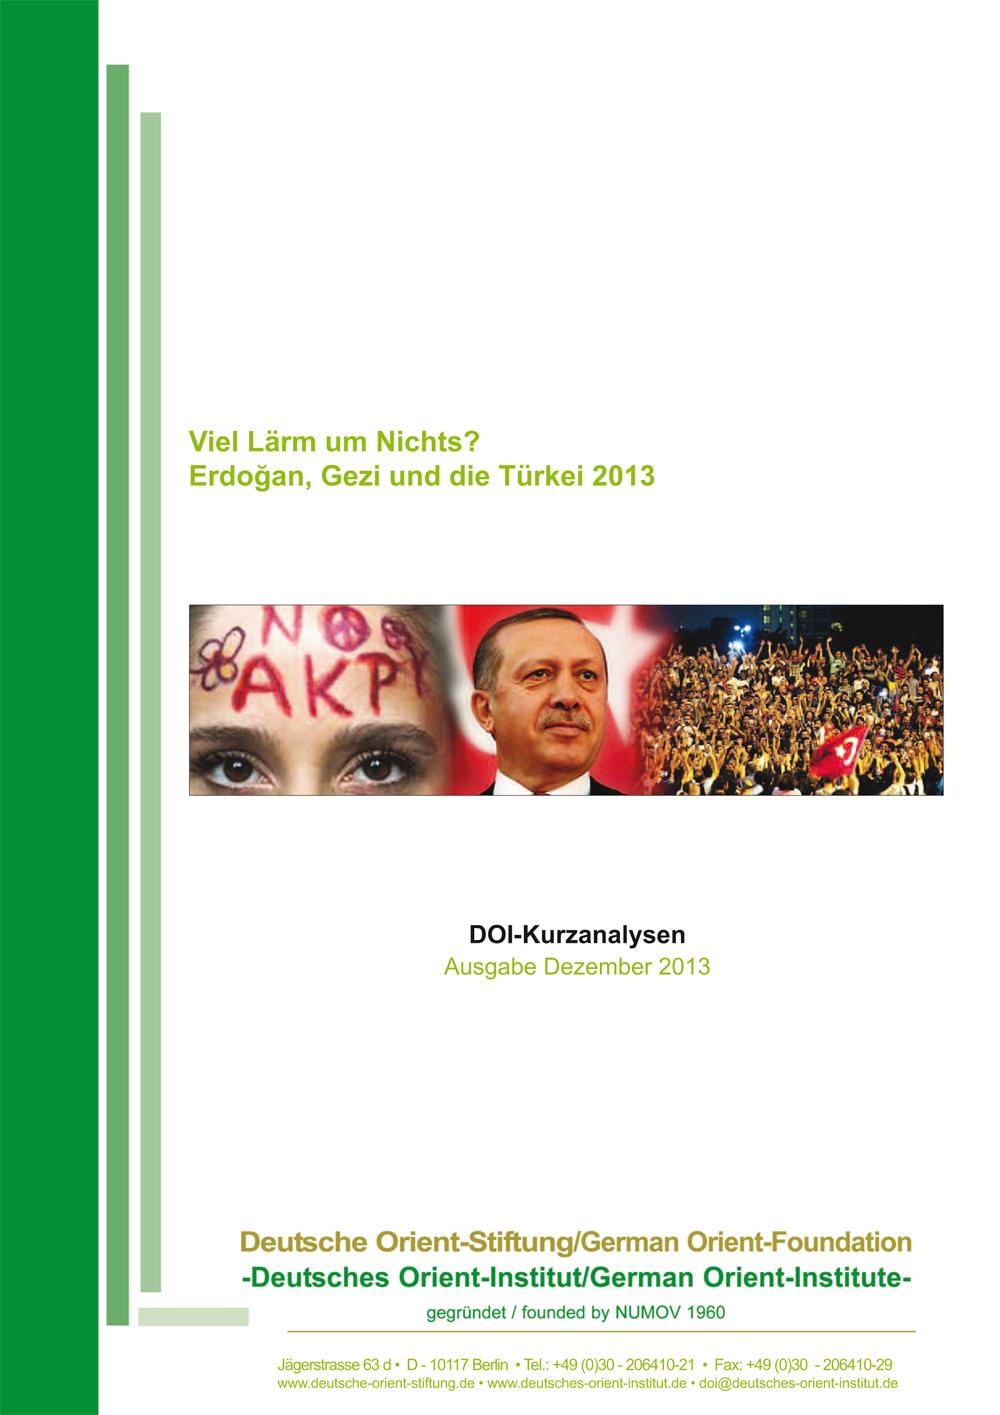 """Featured image for """"Viel Lärm um Nichts? Erdogan, Gezi und die Türkei 2013"""""""